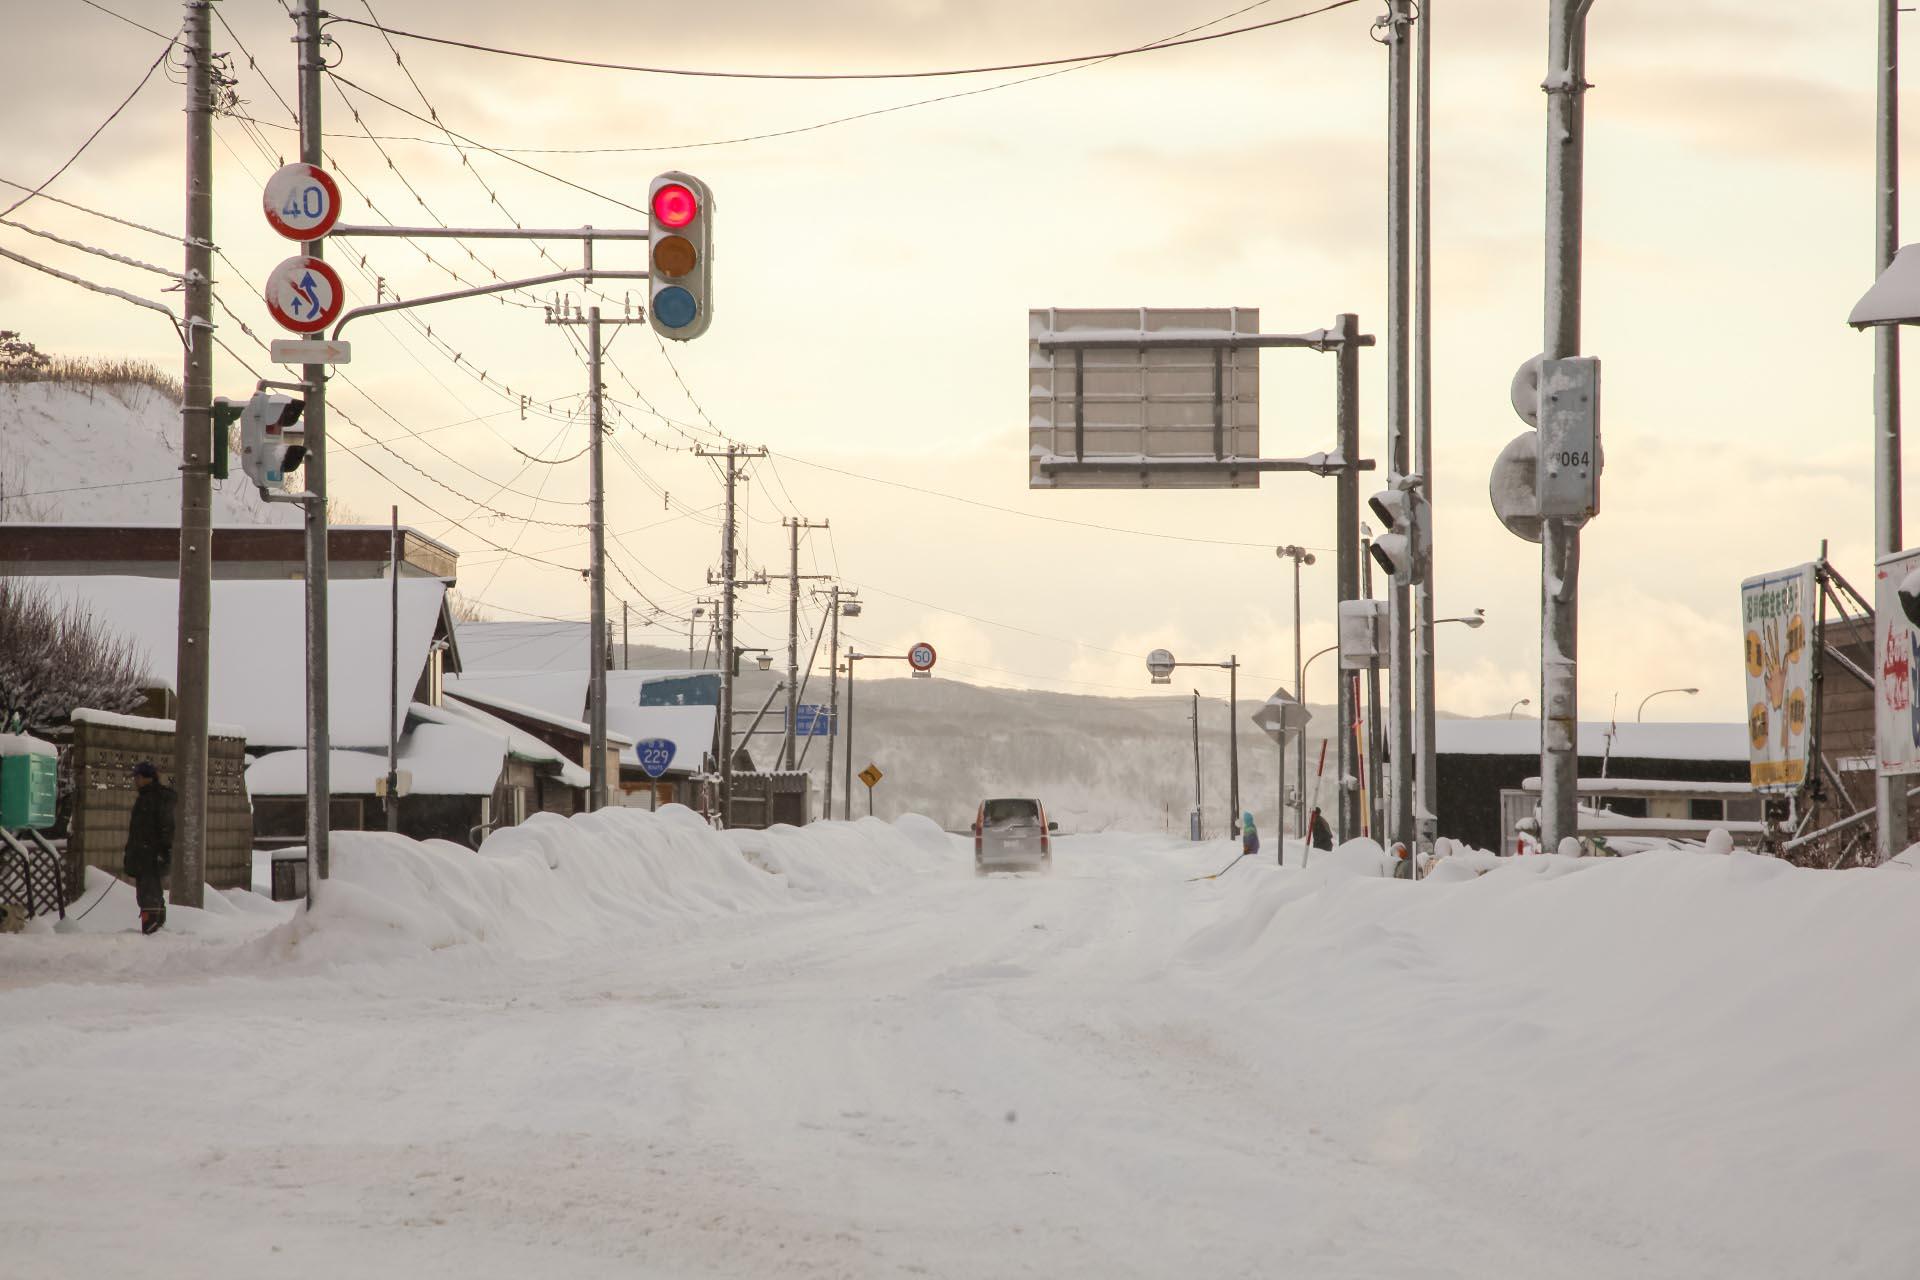 北海道の冬の風景 十二月の積丹